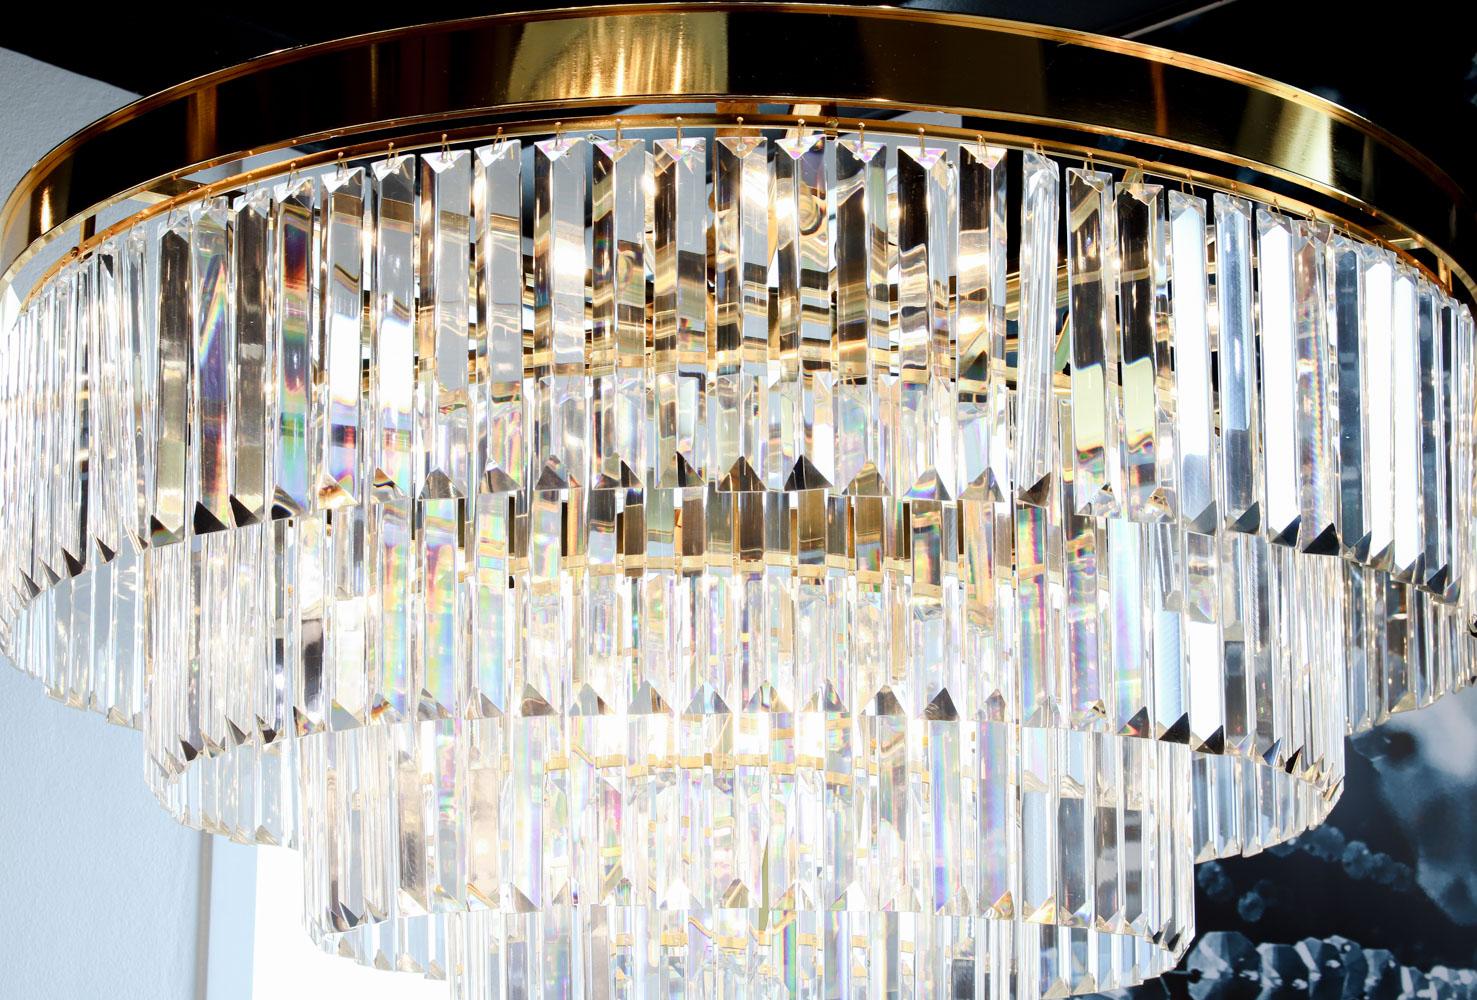 โคมไฟระย้า โคมไฟคริสตัล CRYSTAL โคมไฟแชนเดอเรีย Chandelier VERENA-800-GD